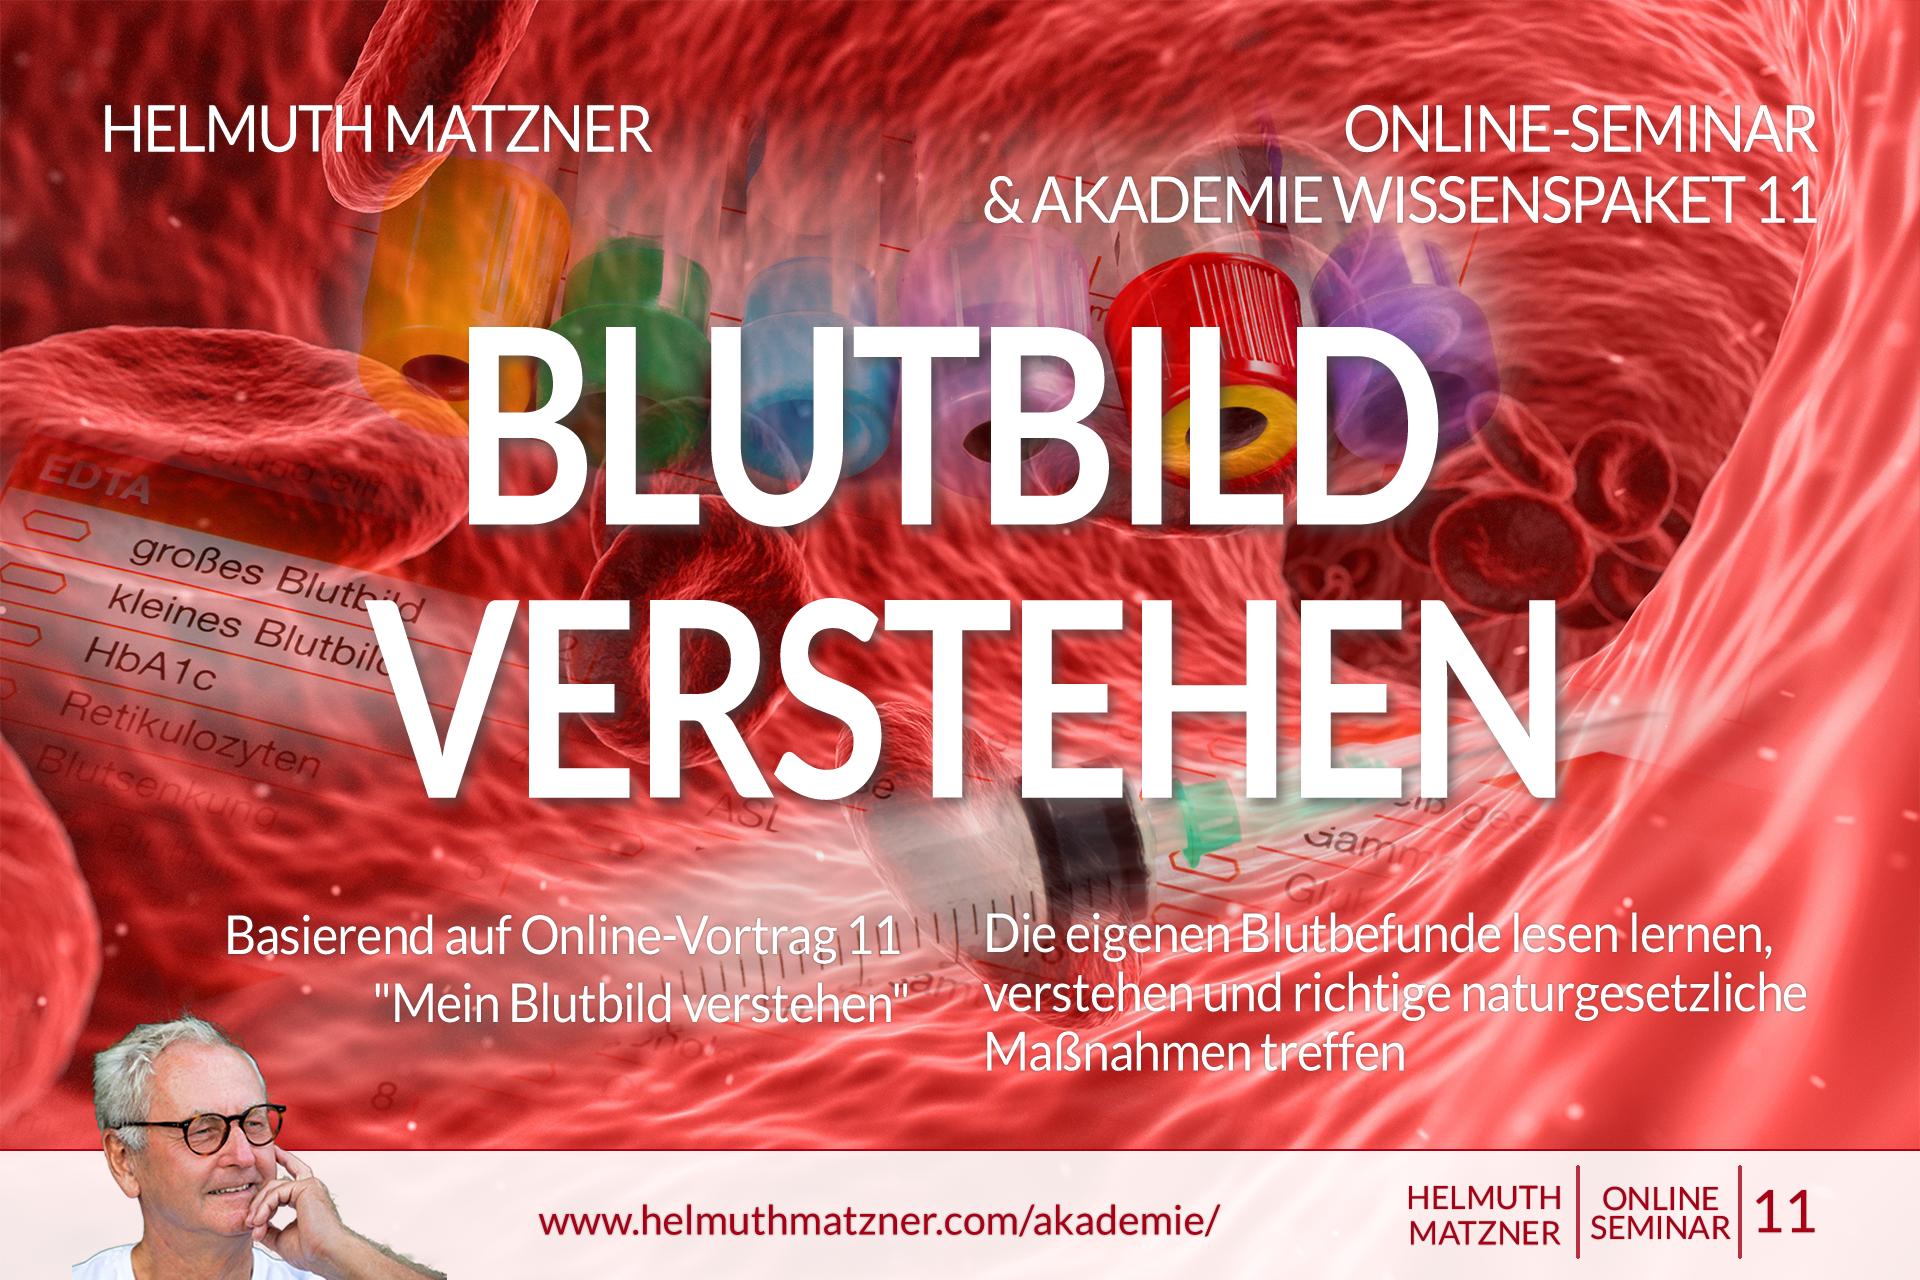 Helmuth Matzner - Masterclass & Akademie Wissenspaket 11 - Blutbild Verstehen - Akademie v05